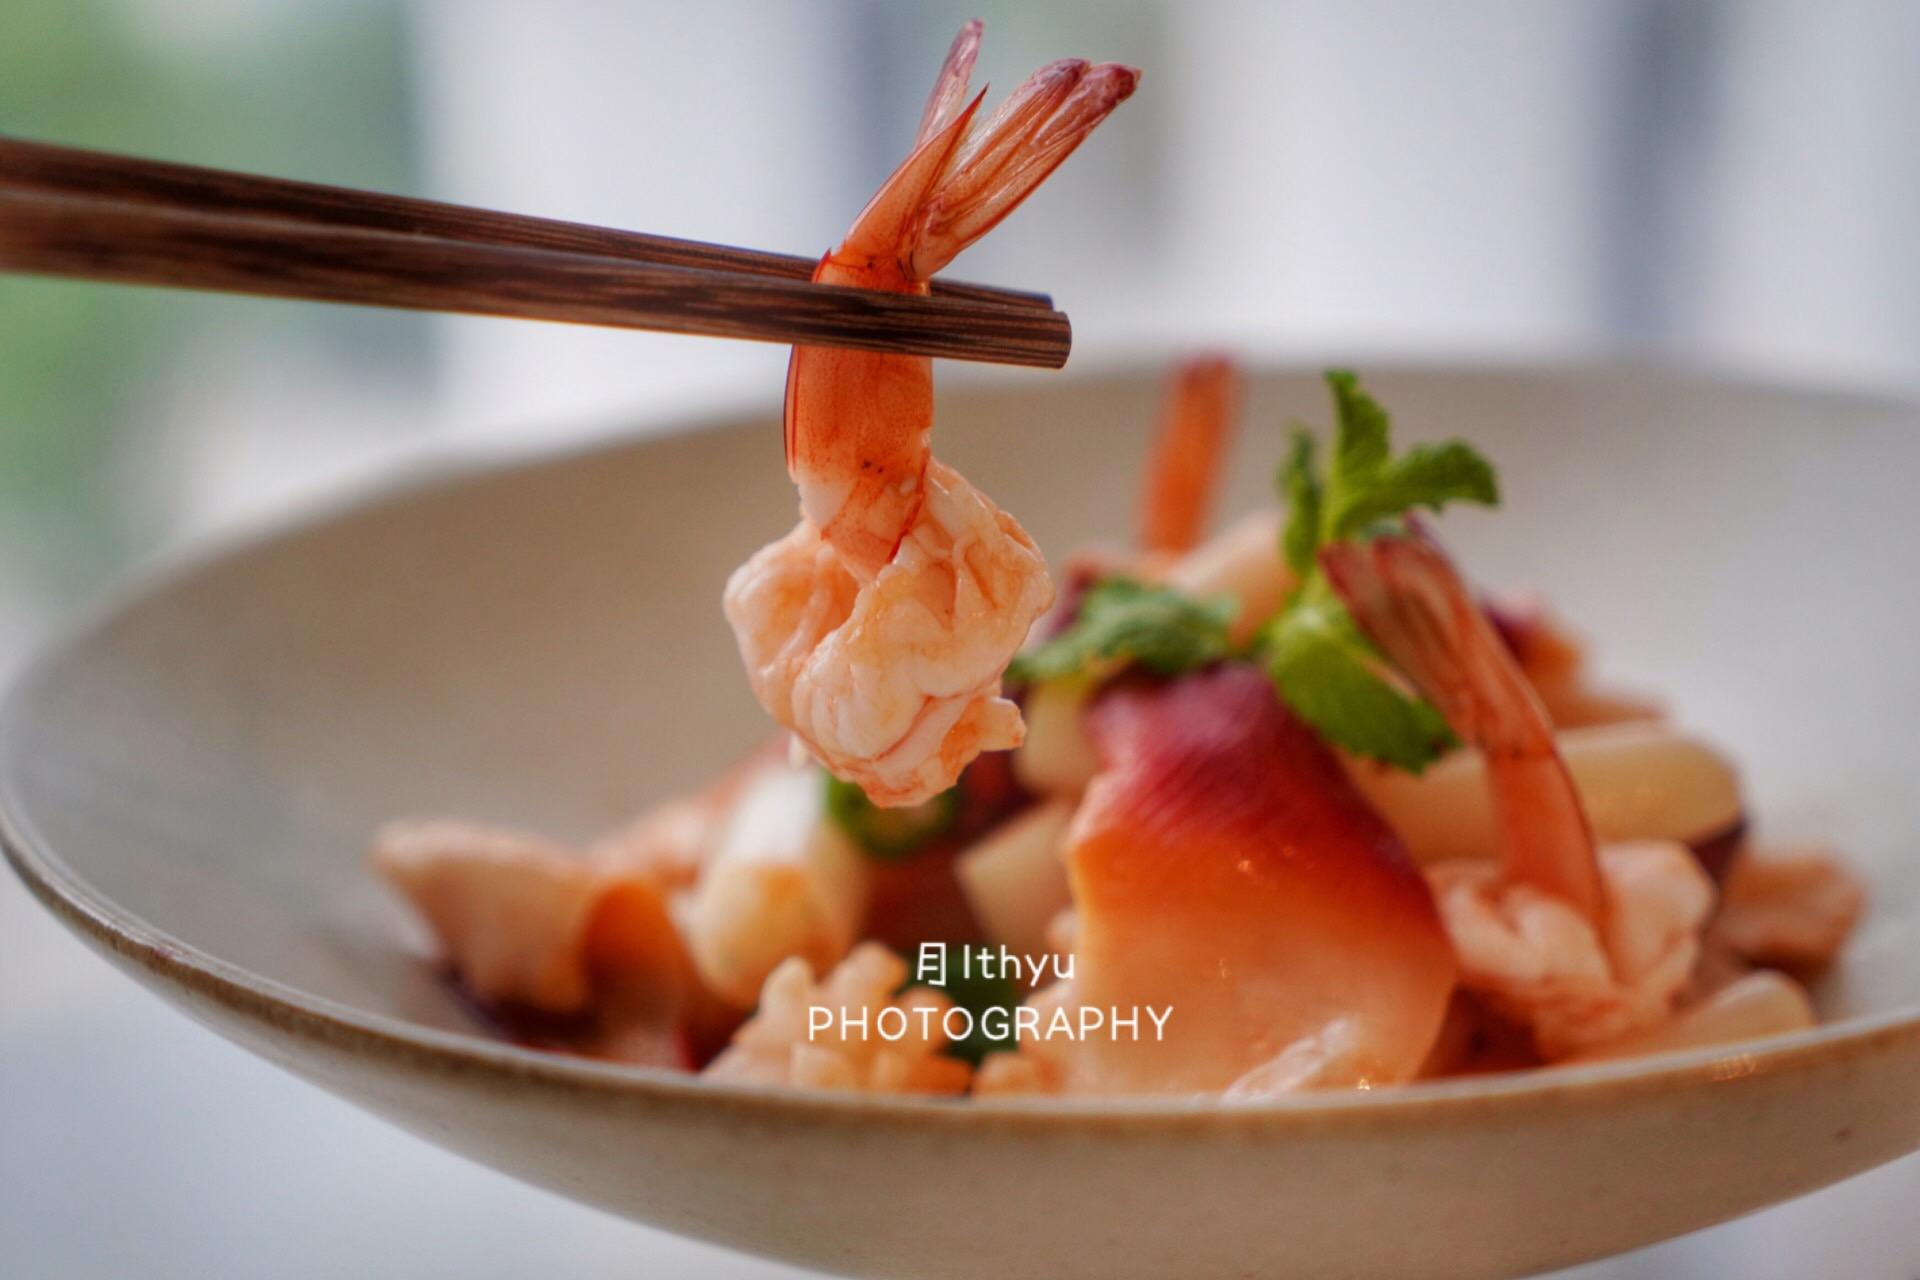 [福州超火的泰国料理开来厦门了]福州去泰国机票多少钱